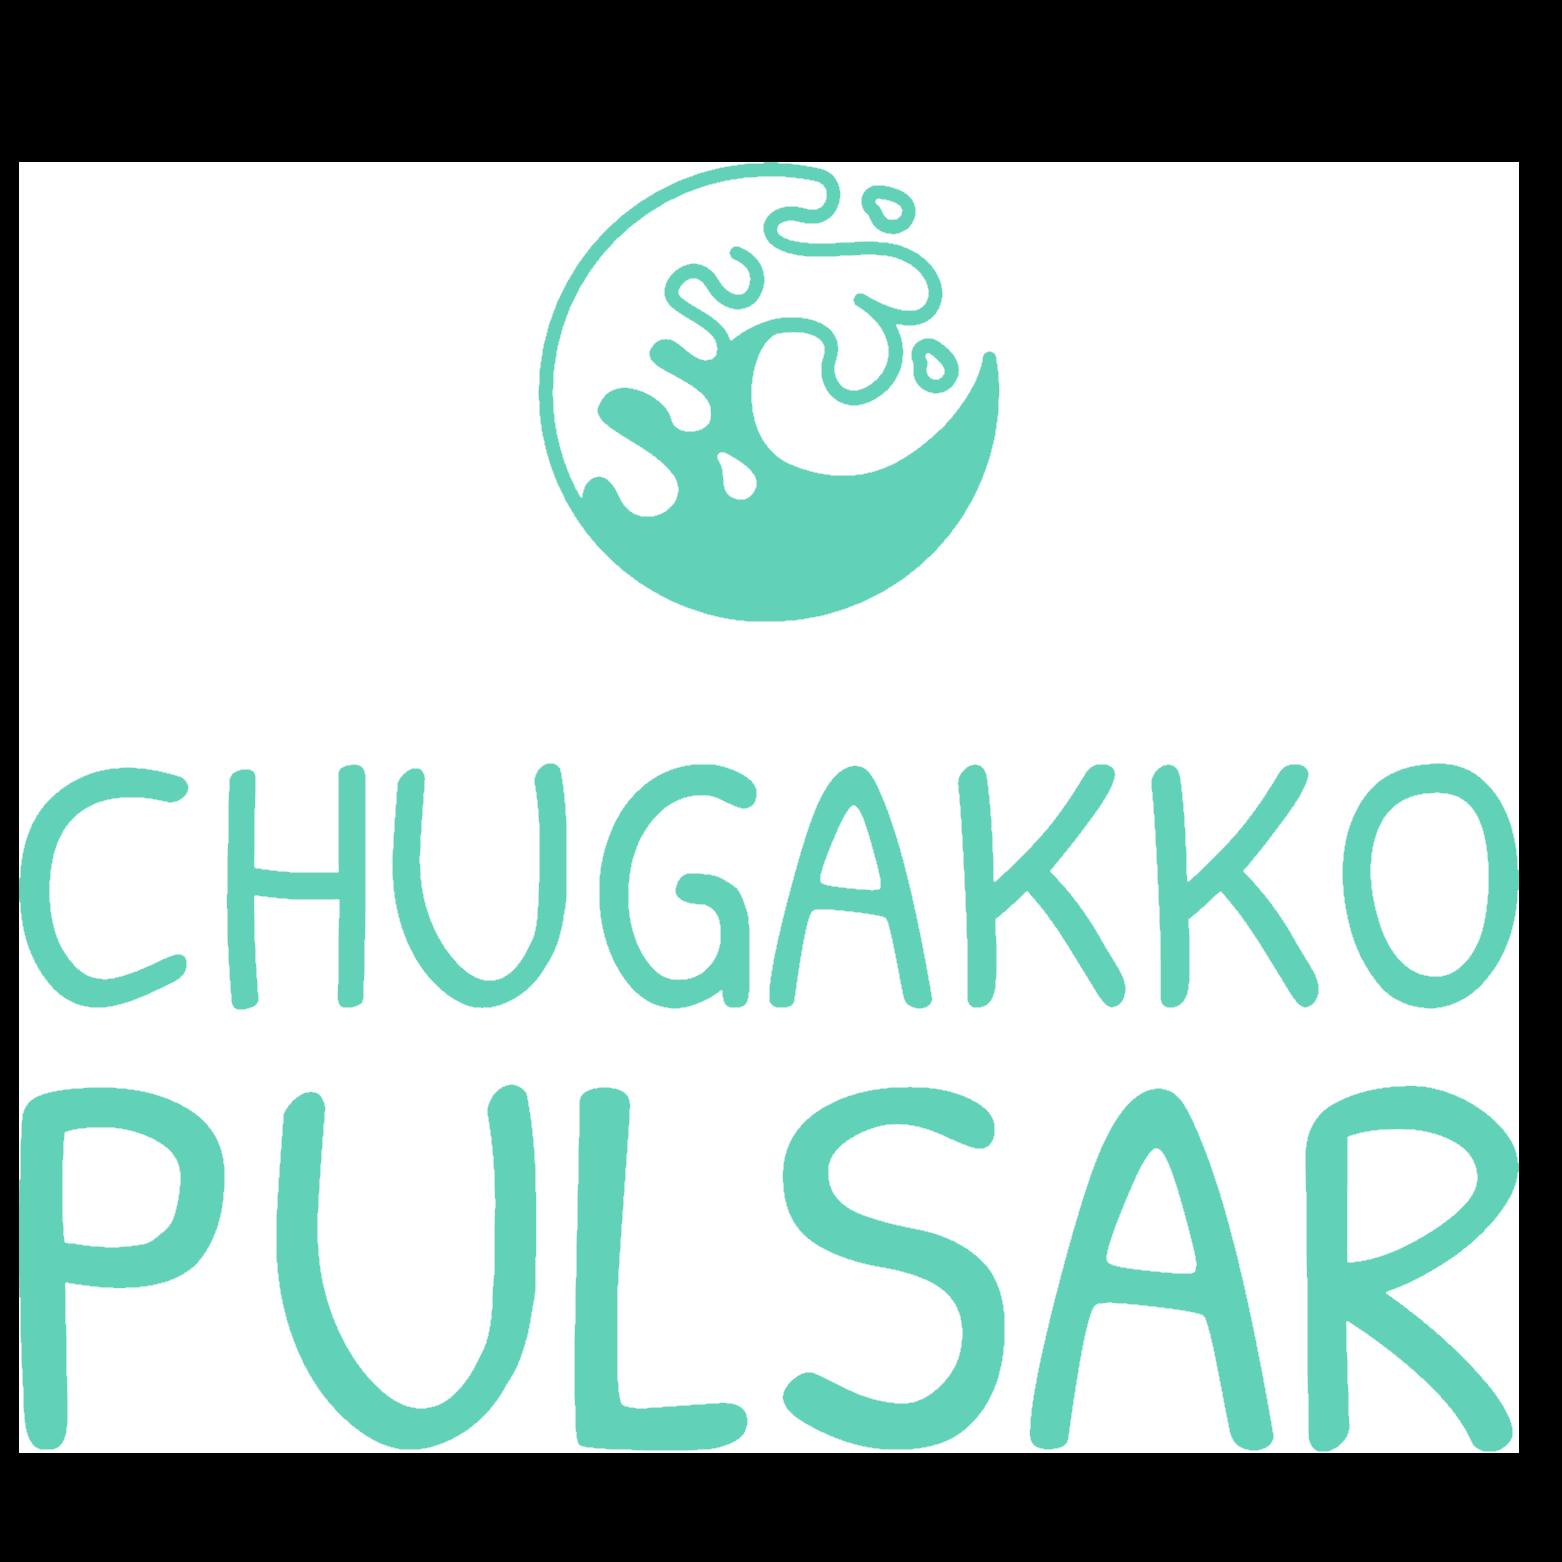 Chugakko Pulsar